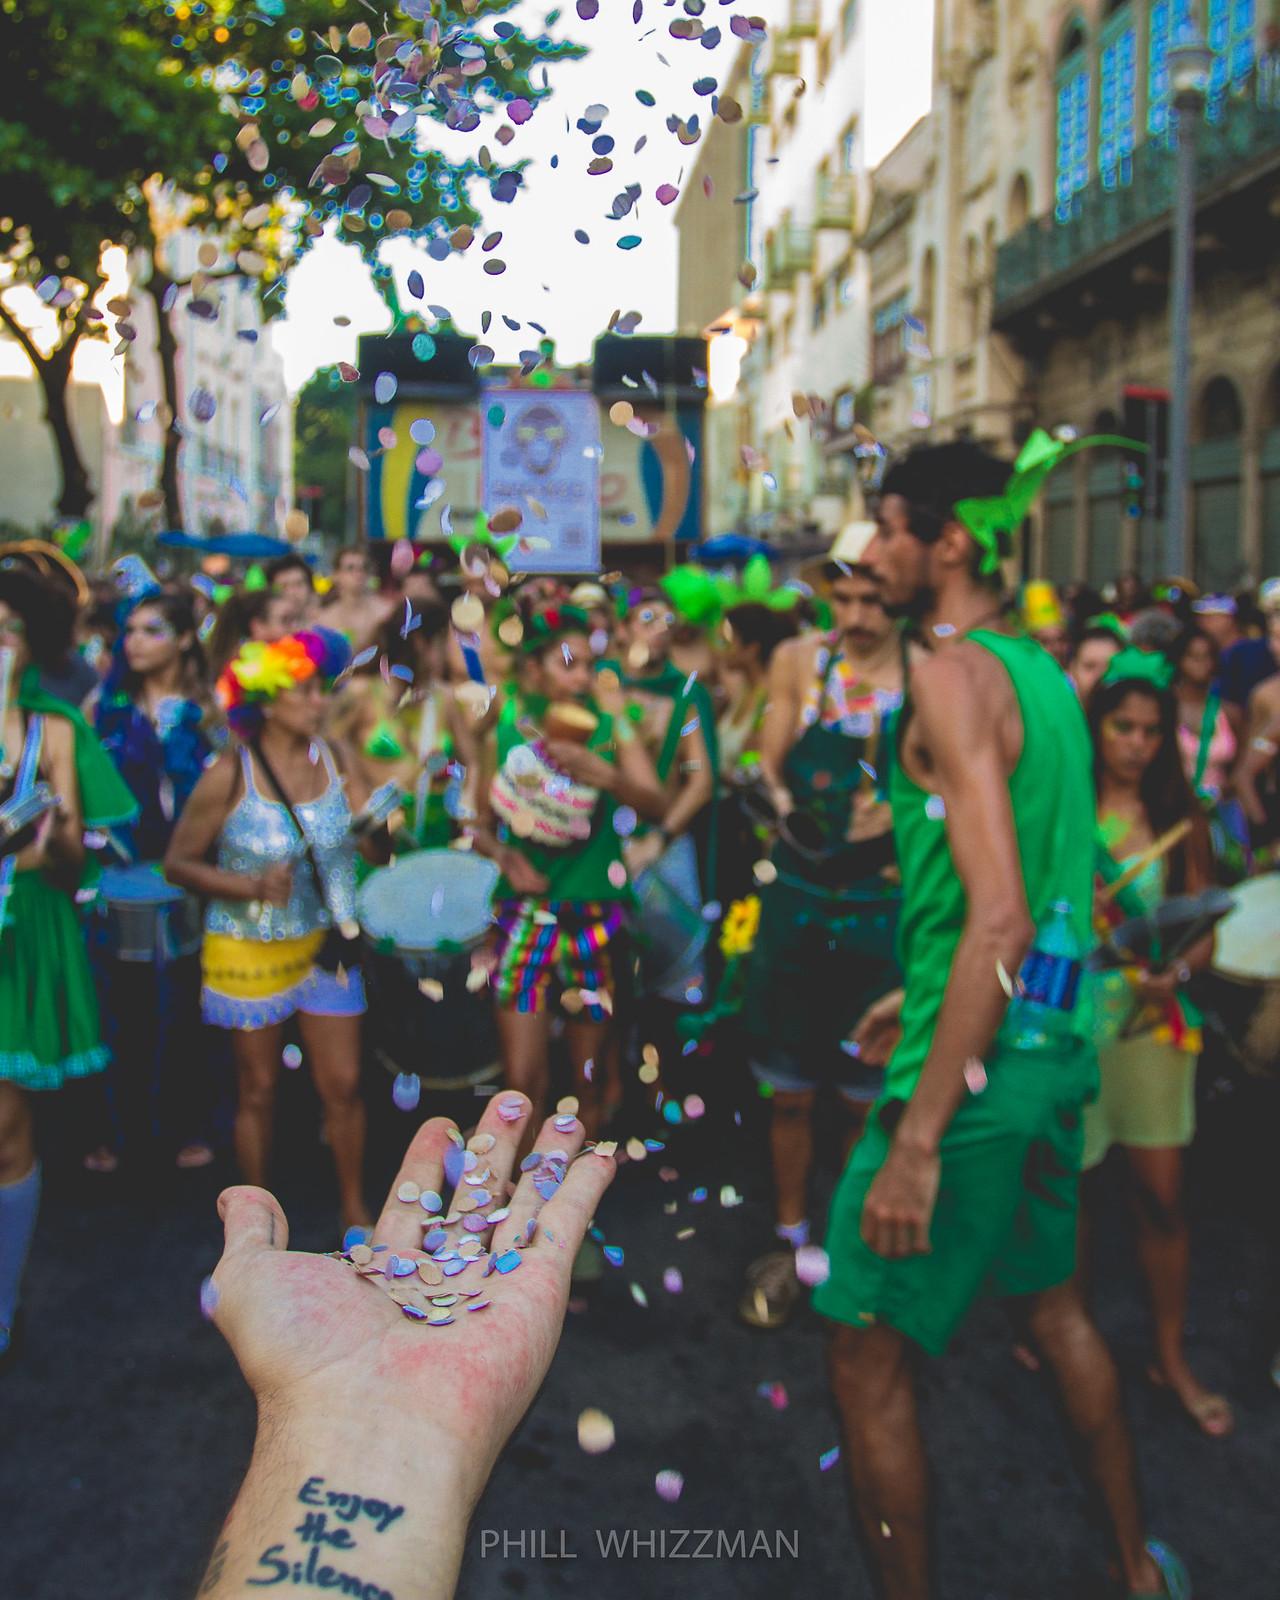 33097864552 259f960292 h Planta na Mente 2017: desfile leva mais de 40 mil pessoas na luta pela legalização